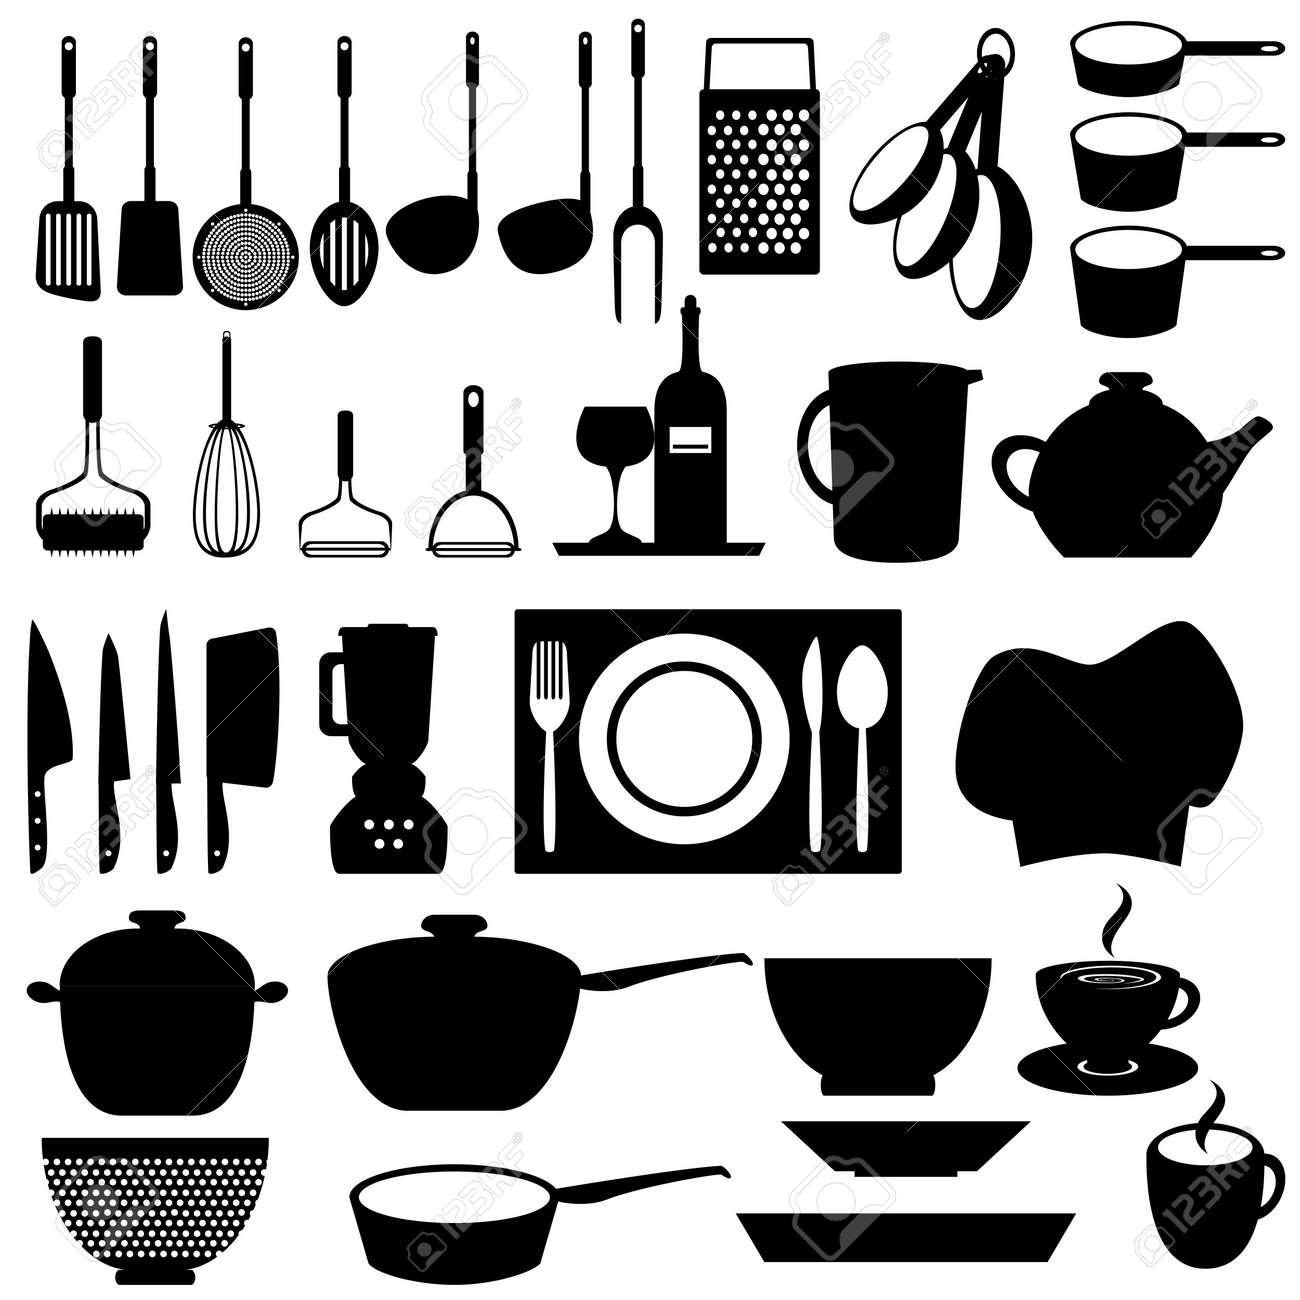 cucina e utensili da cucina di strumenti clipart royalty-free ... - Strumenti Cucina